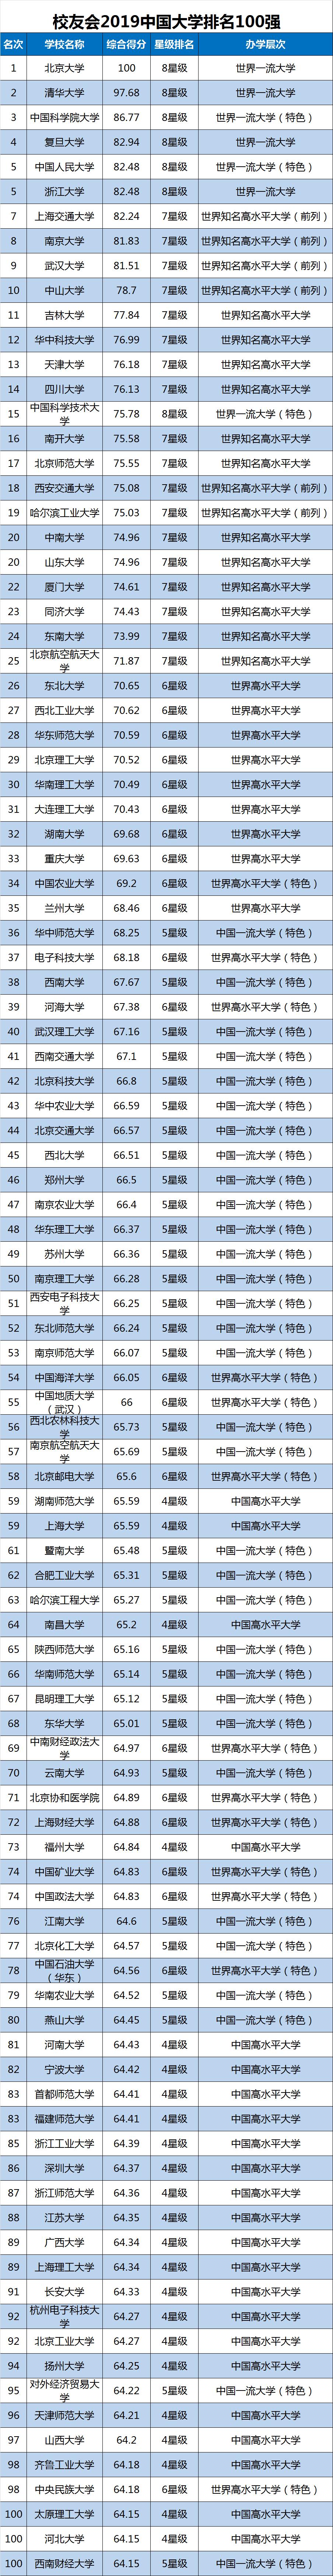 2019中国大学排行榜单最新发布,转给高考生!插图6